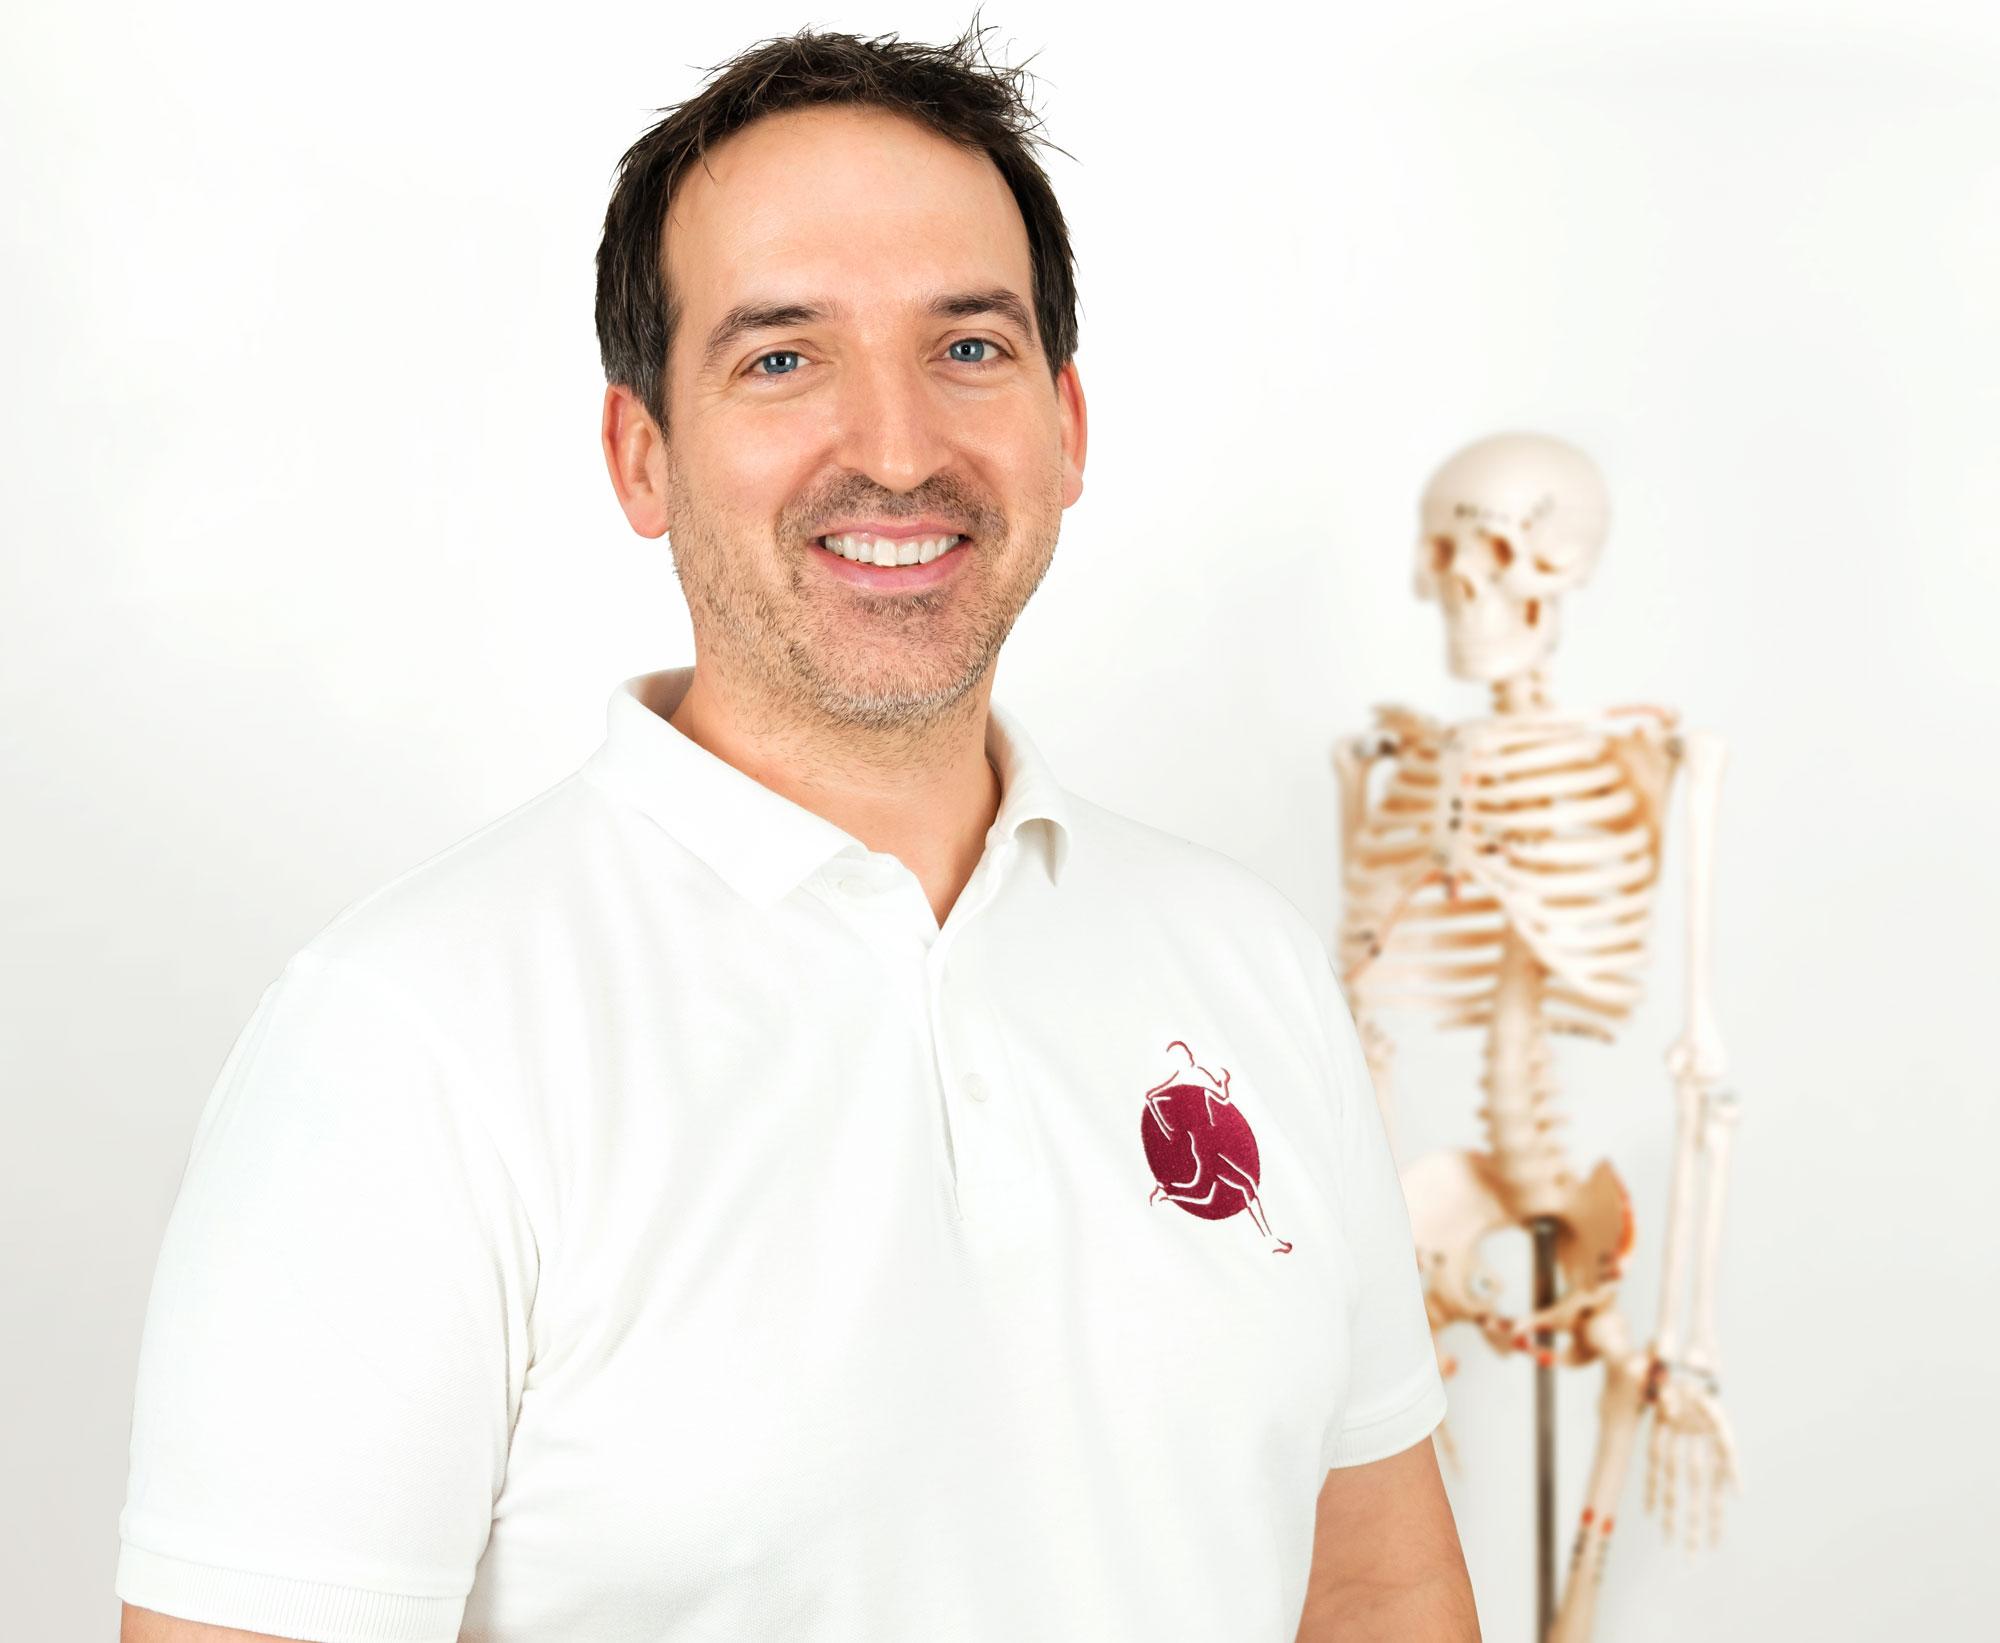 Praxis für Physiotherapie Dirk Nölting in Wuppertal